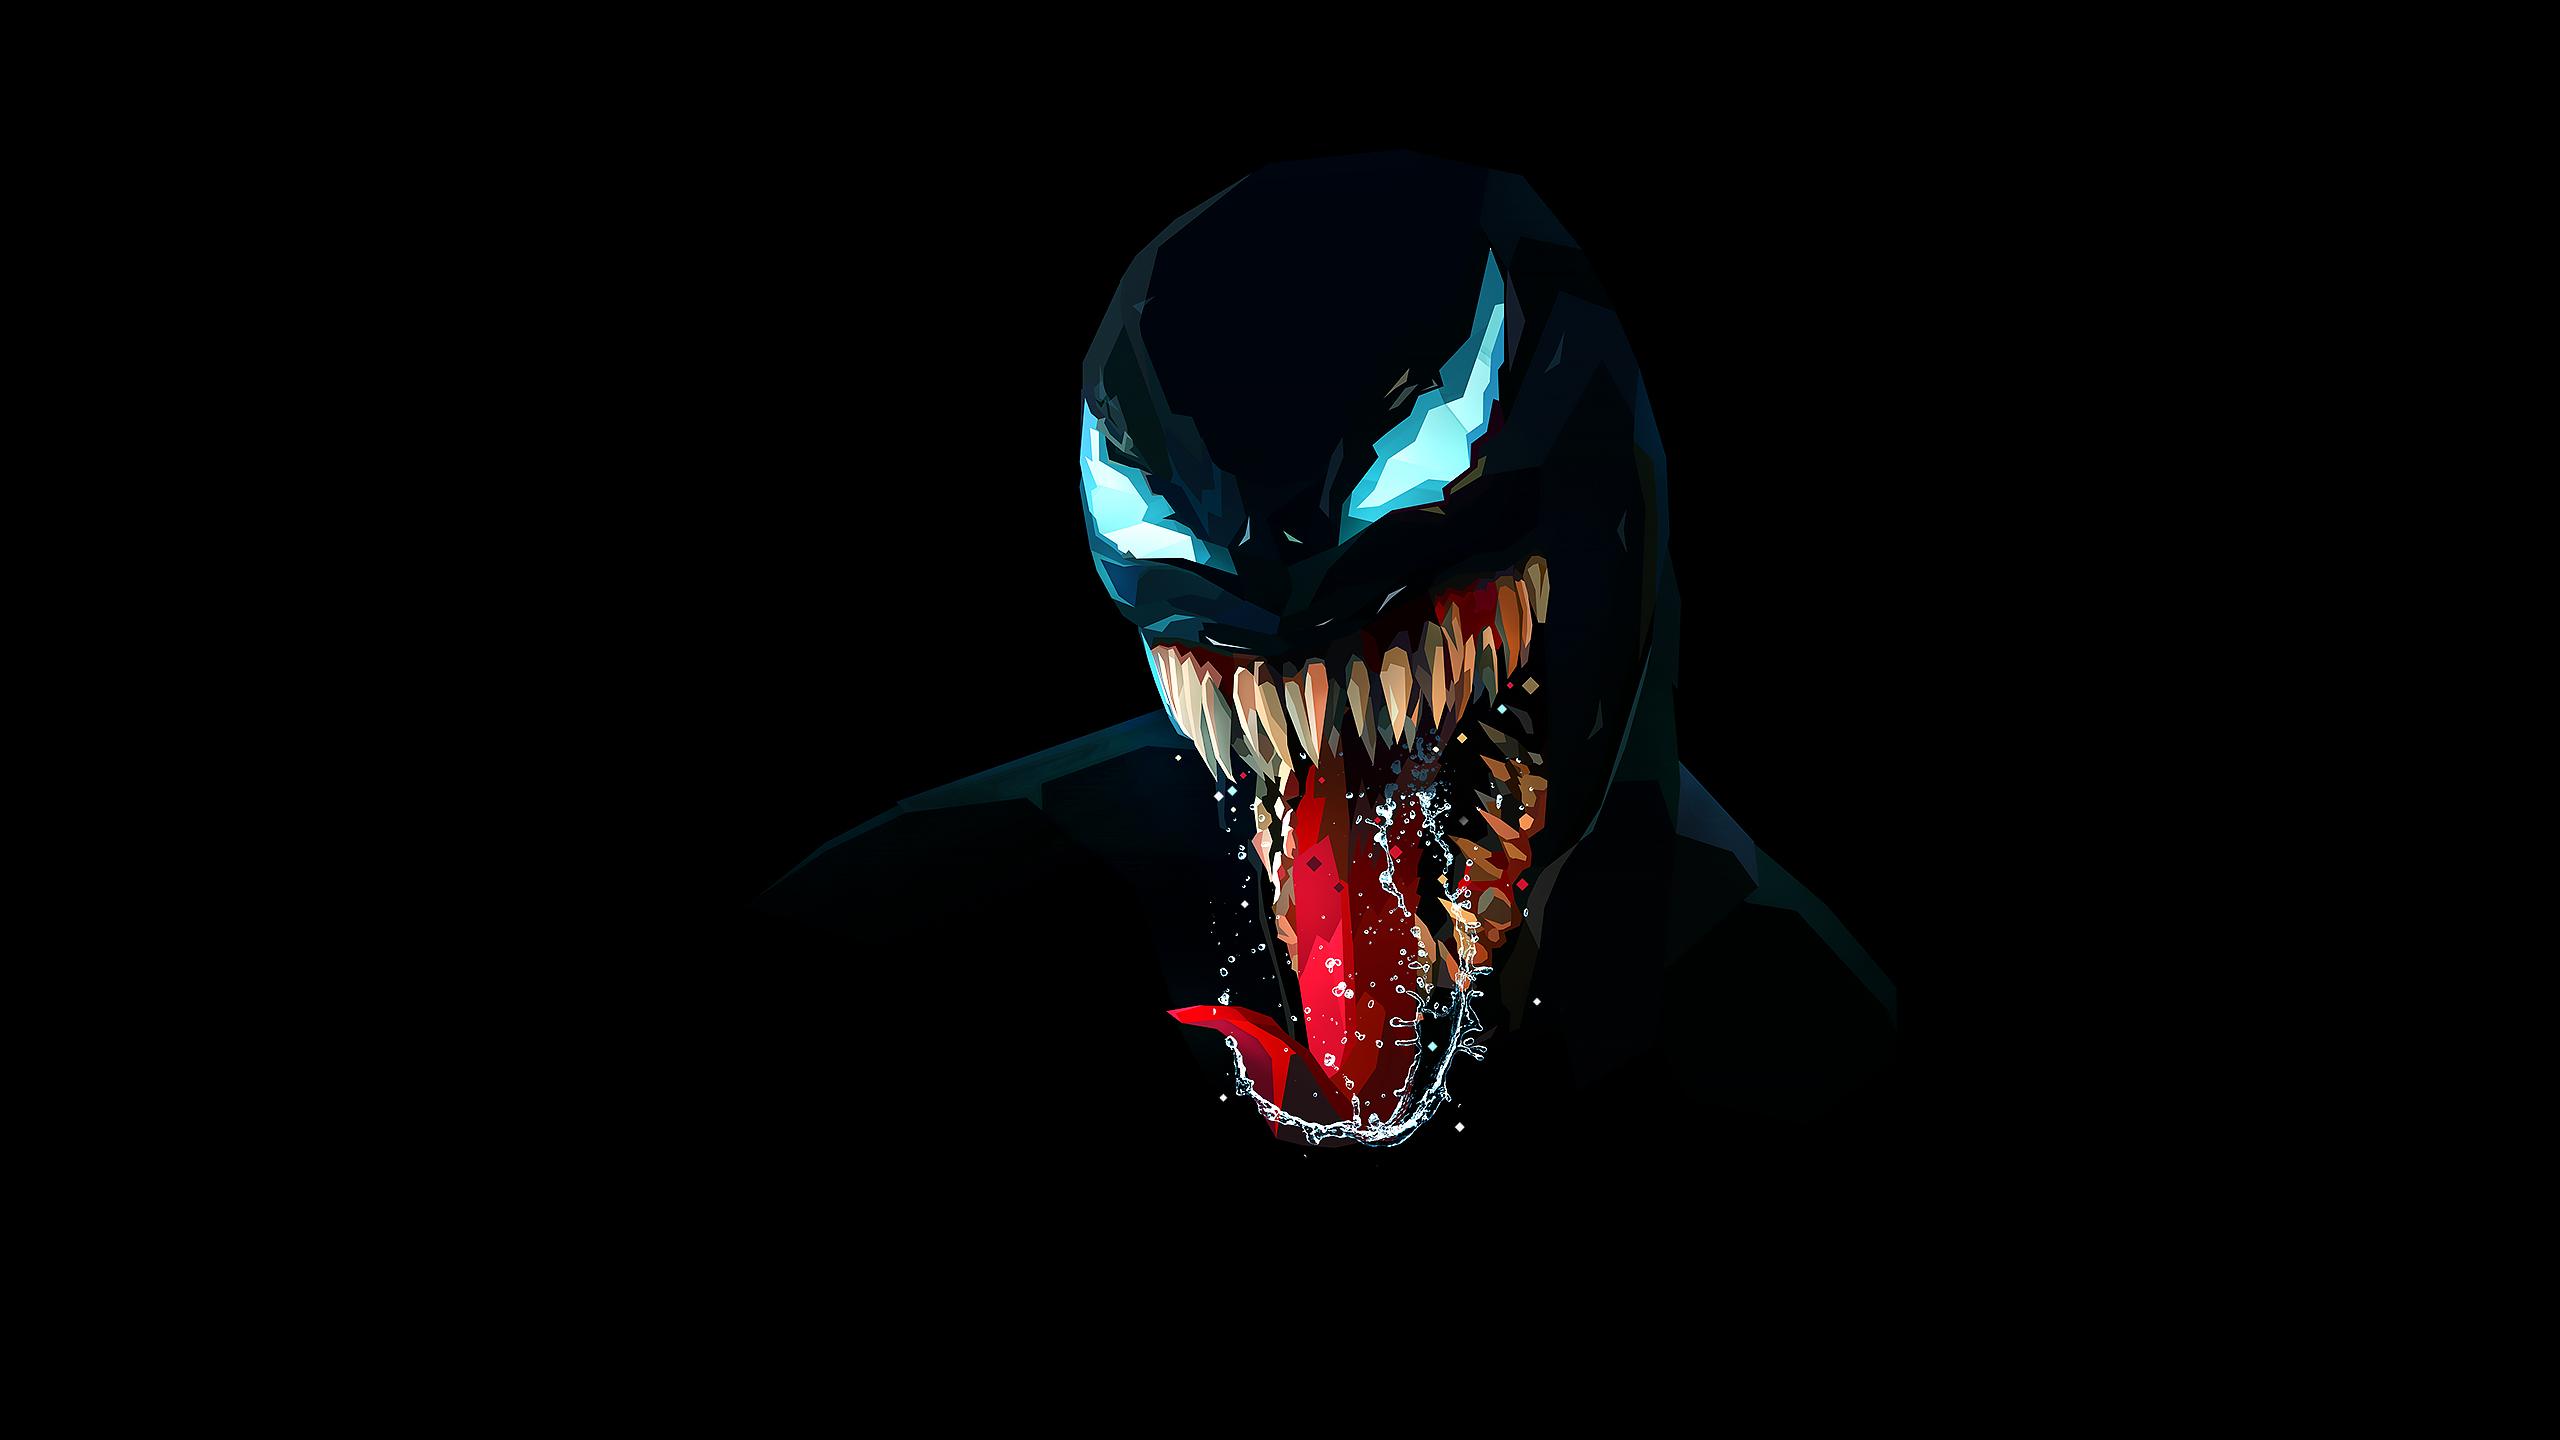 Venom Wallpaper Justin Maller